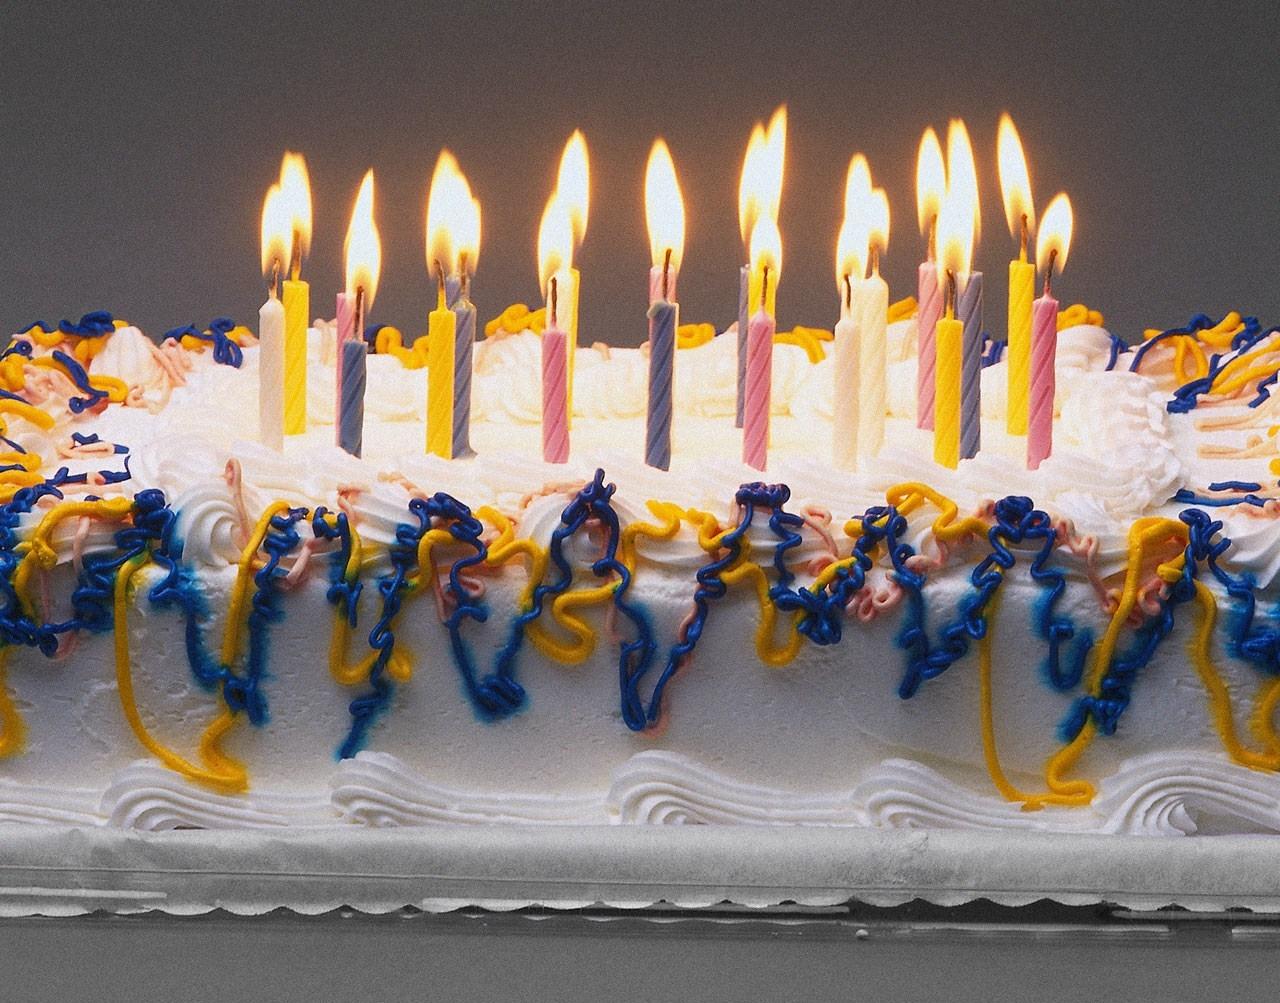 Праздничный торт и свечи в день рождения - С Днем Рождения поздравительные картинки